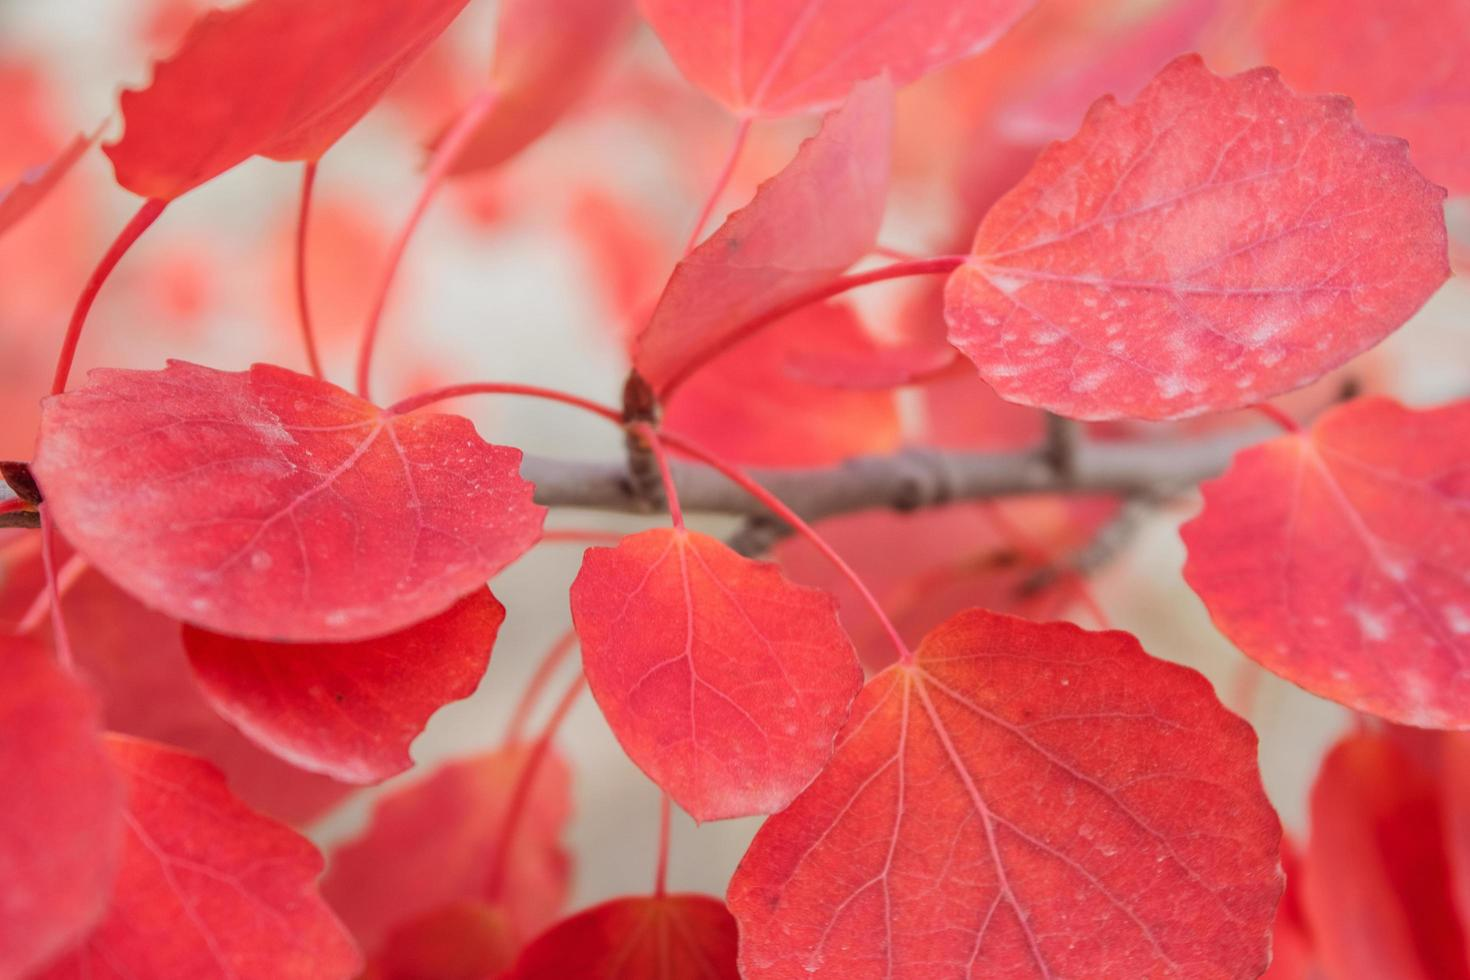 röda höstlöv på en gren. foto